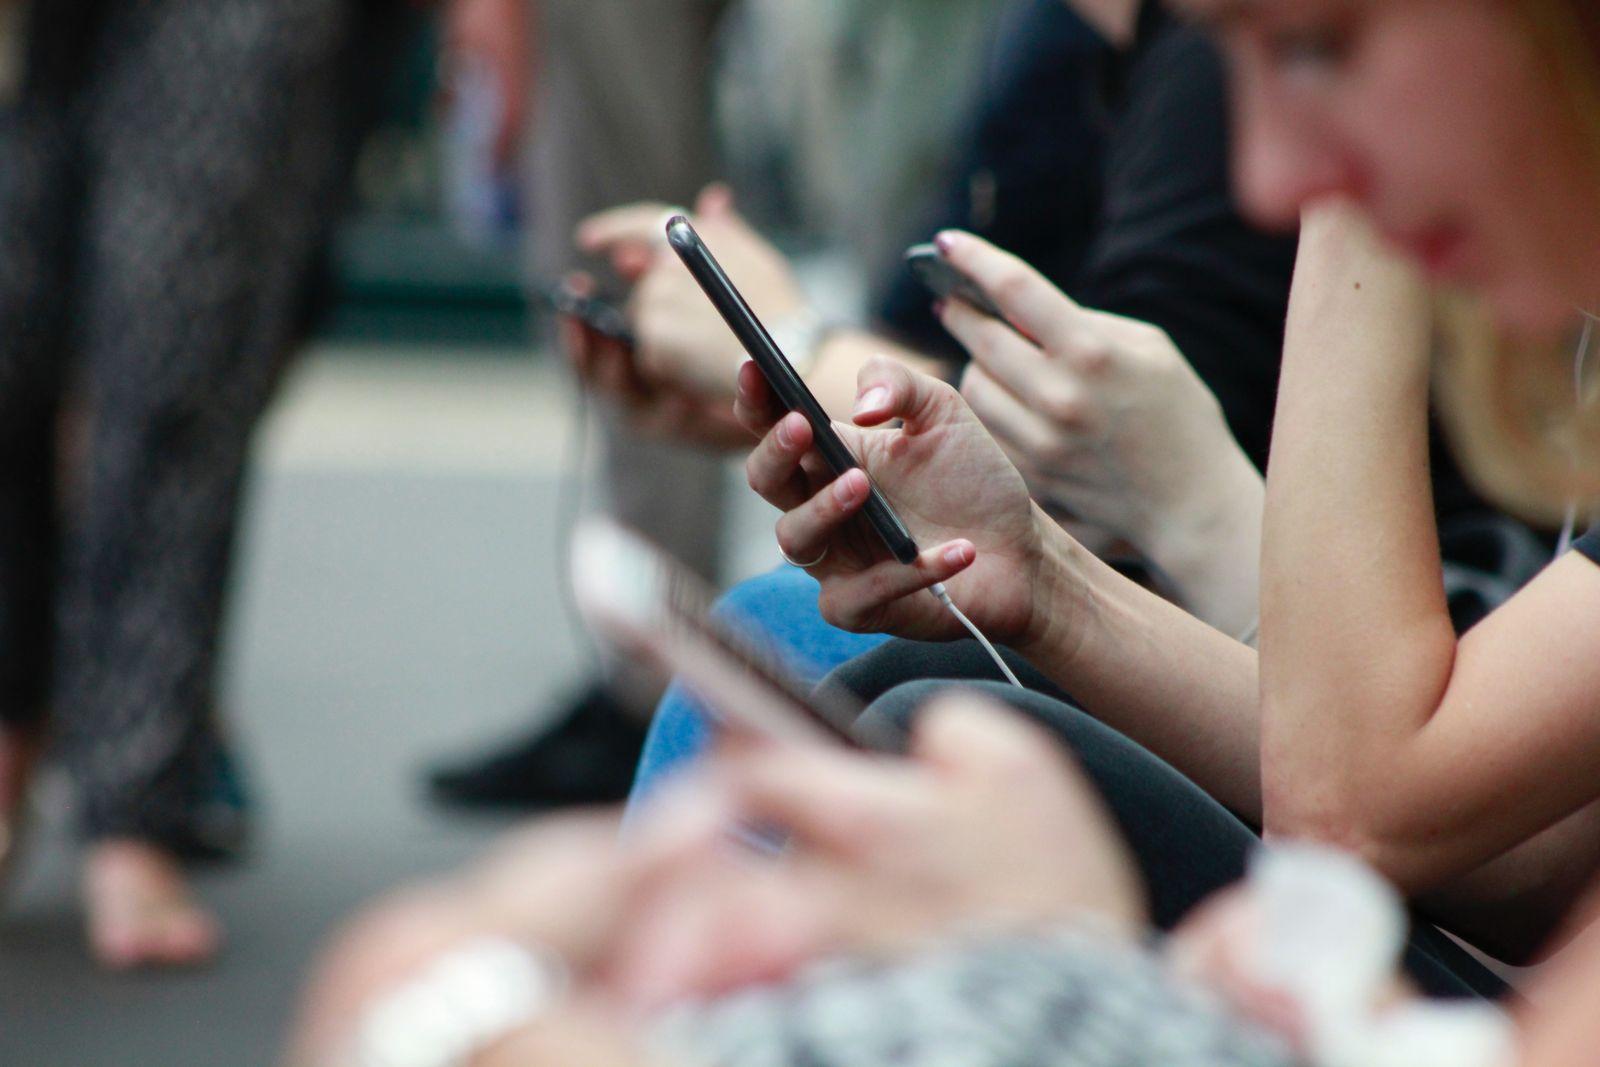 O crescente aumento das notícias falsas tem gerado debates mundiais | Foto: ROBIN WORRALL/Unsplash